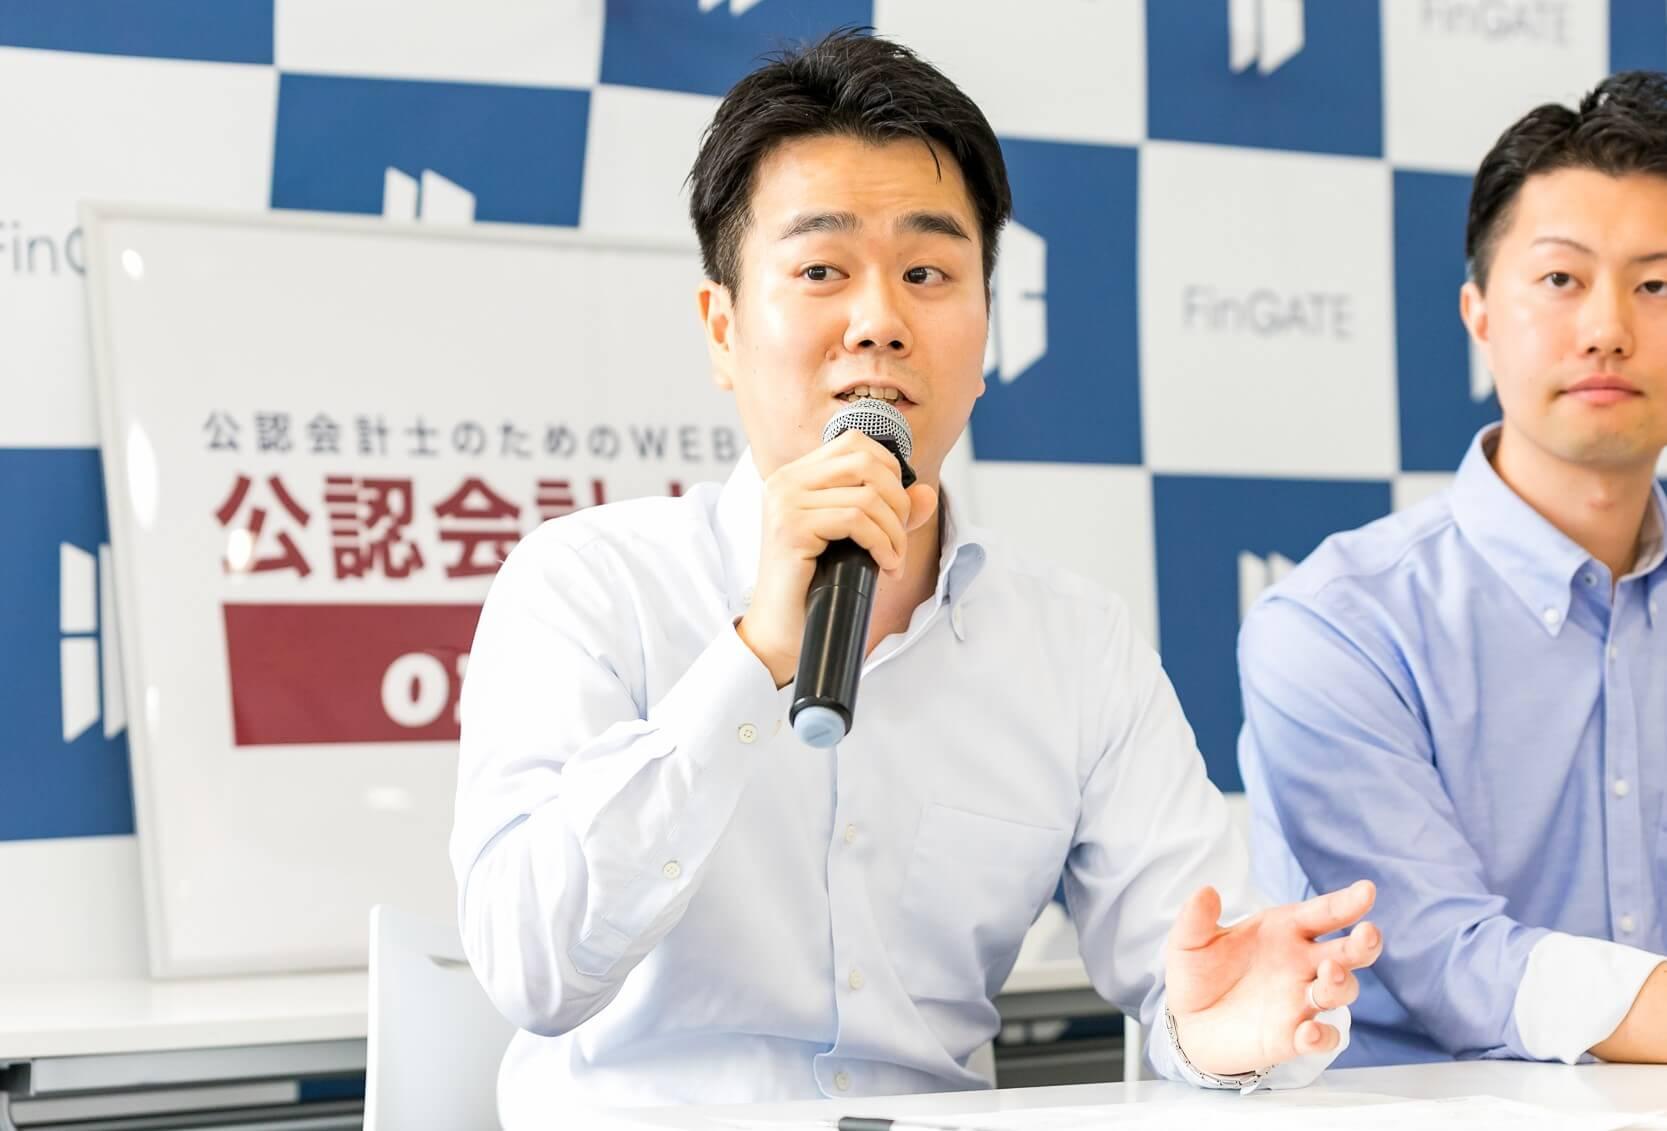 赤塚佳弘氏 公認会計士 みずほキャピタルパートナーズ株式会社 ヴァイスプレジデント